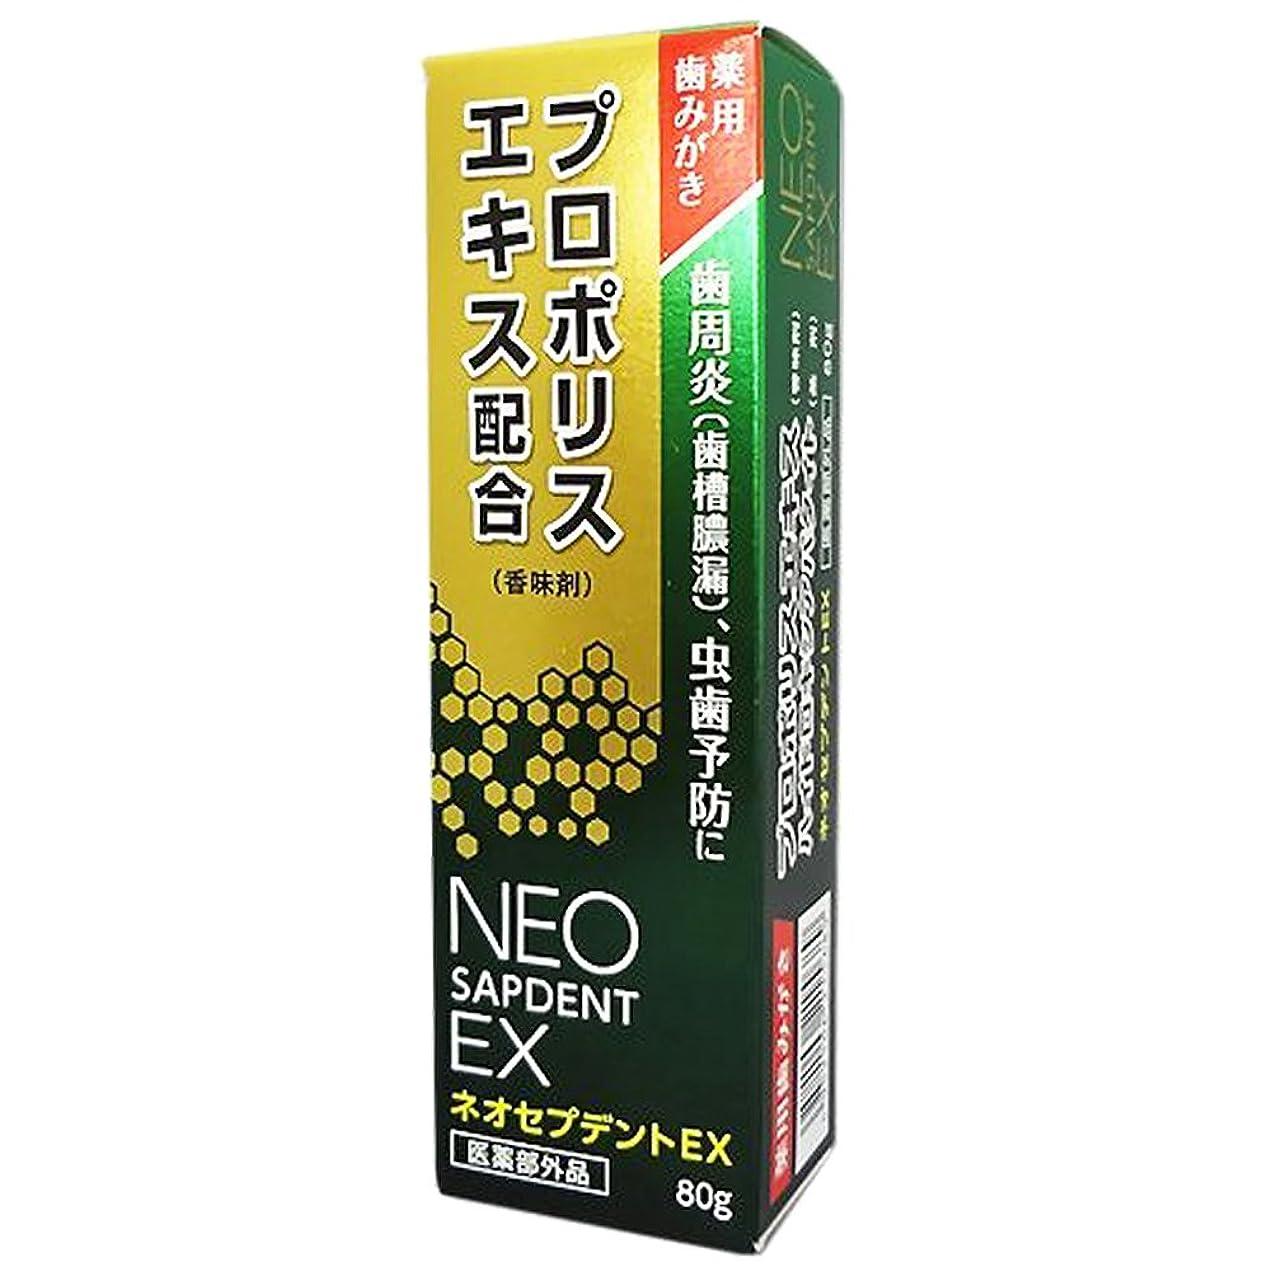 マージ肩をすくめる慣習森川健康堂 ネオセプデントEX 80g